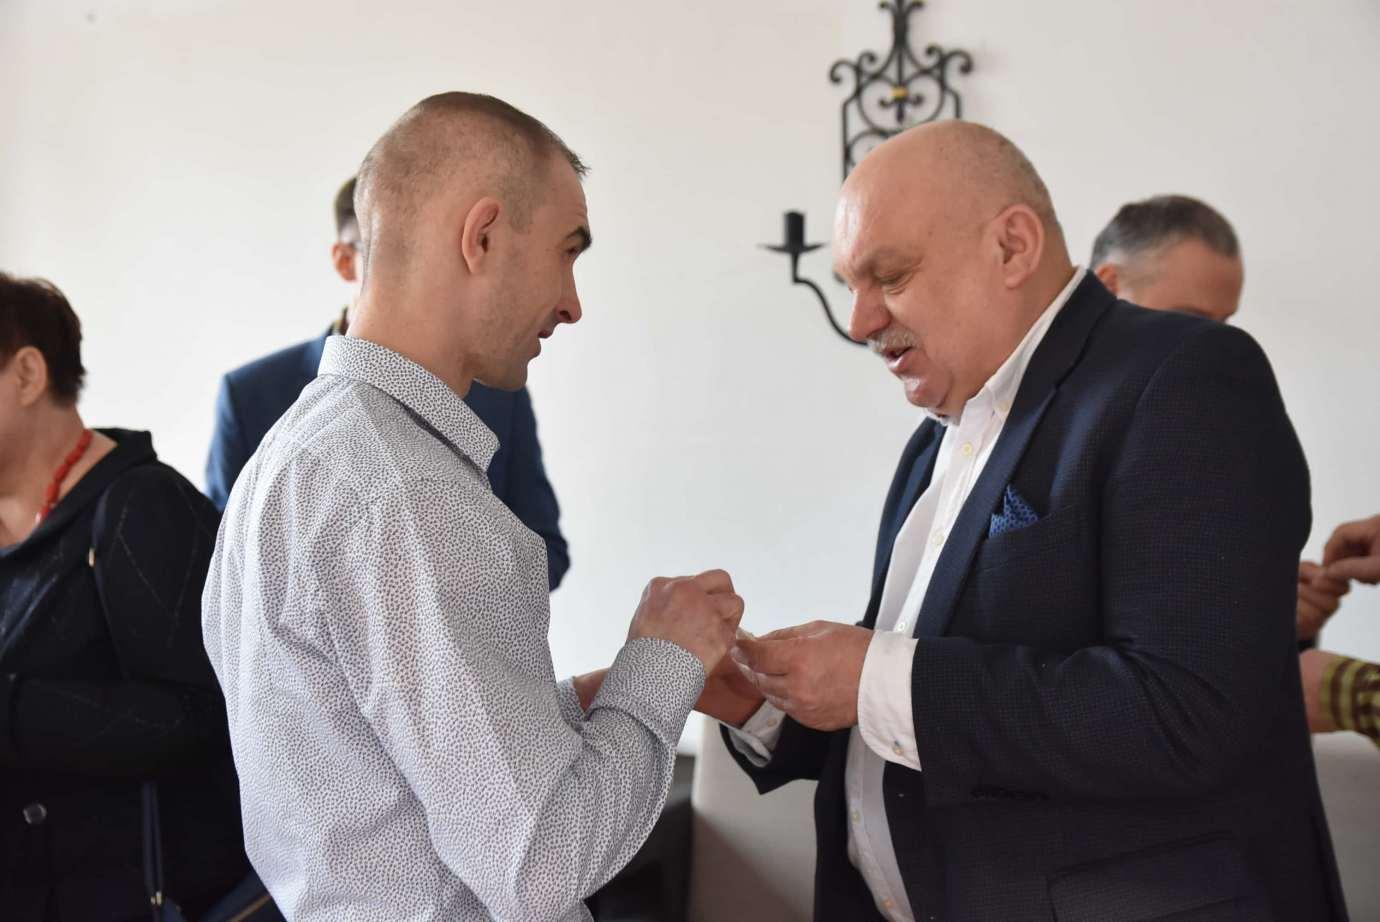 dsc 4057 Zamość: Otwarcie nowego biura poselskiego Jarosława Sachajko. [ZDJĘCIA, FILM]